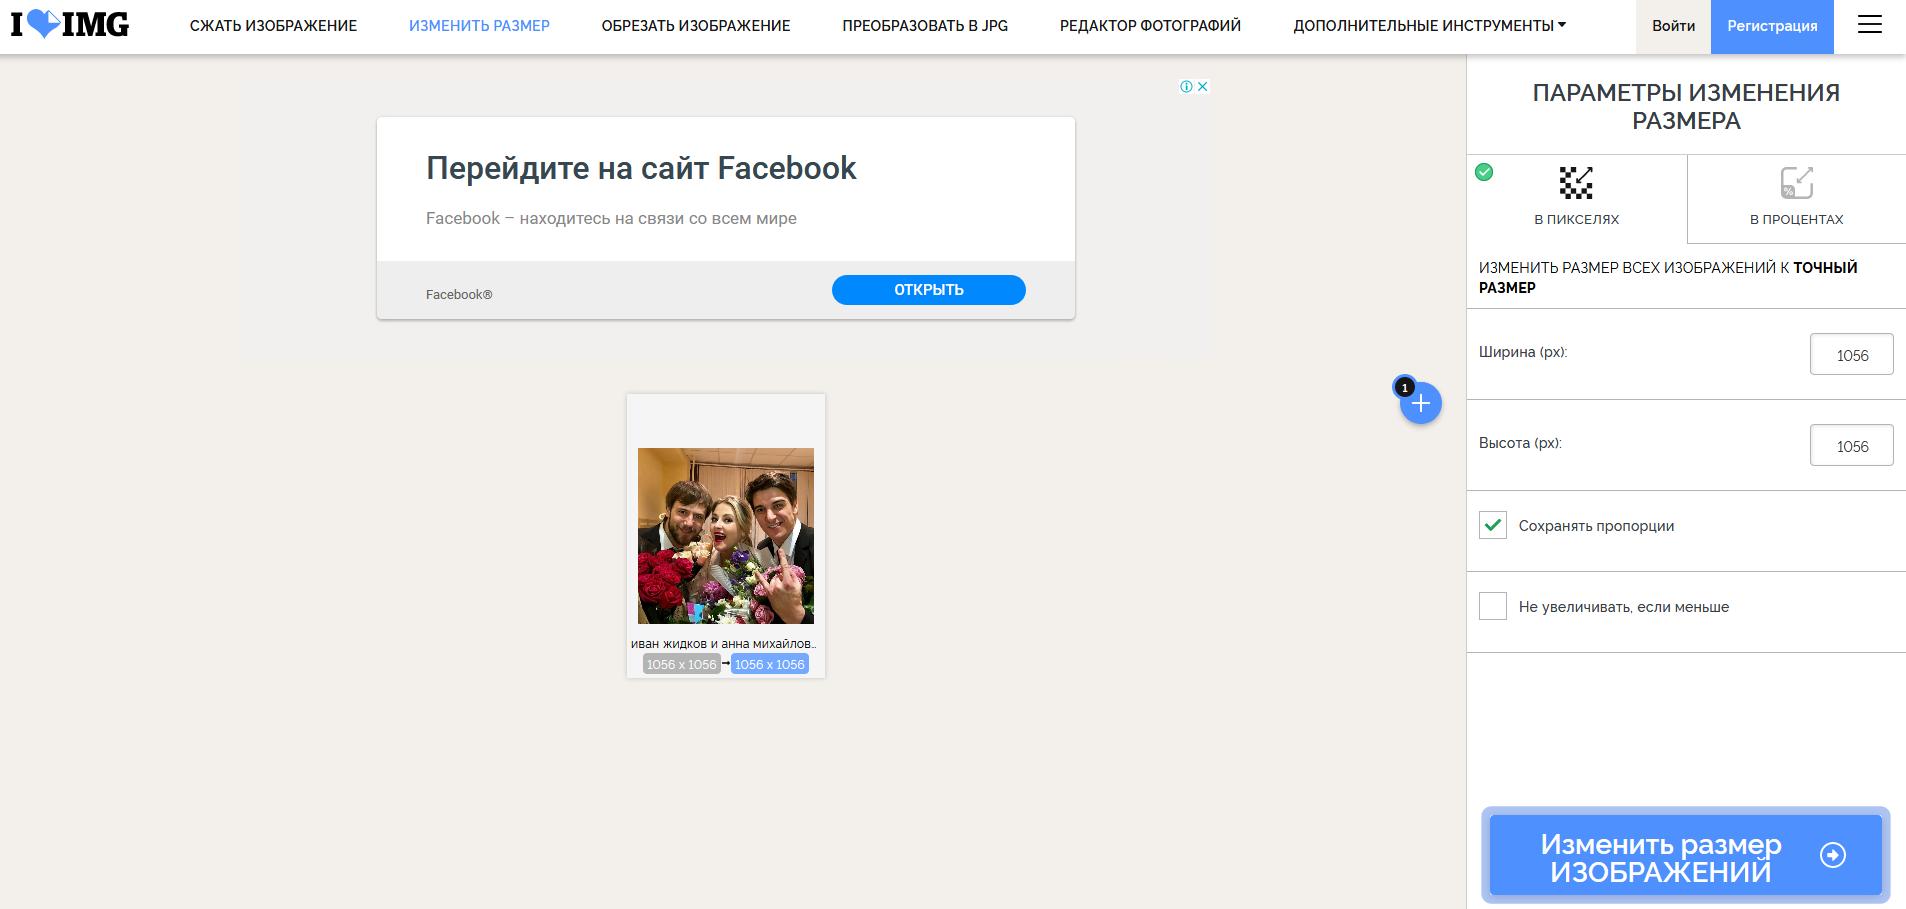 второй хоть сайт для изменения размера картинки родственник валлоты амараллис